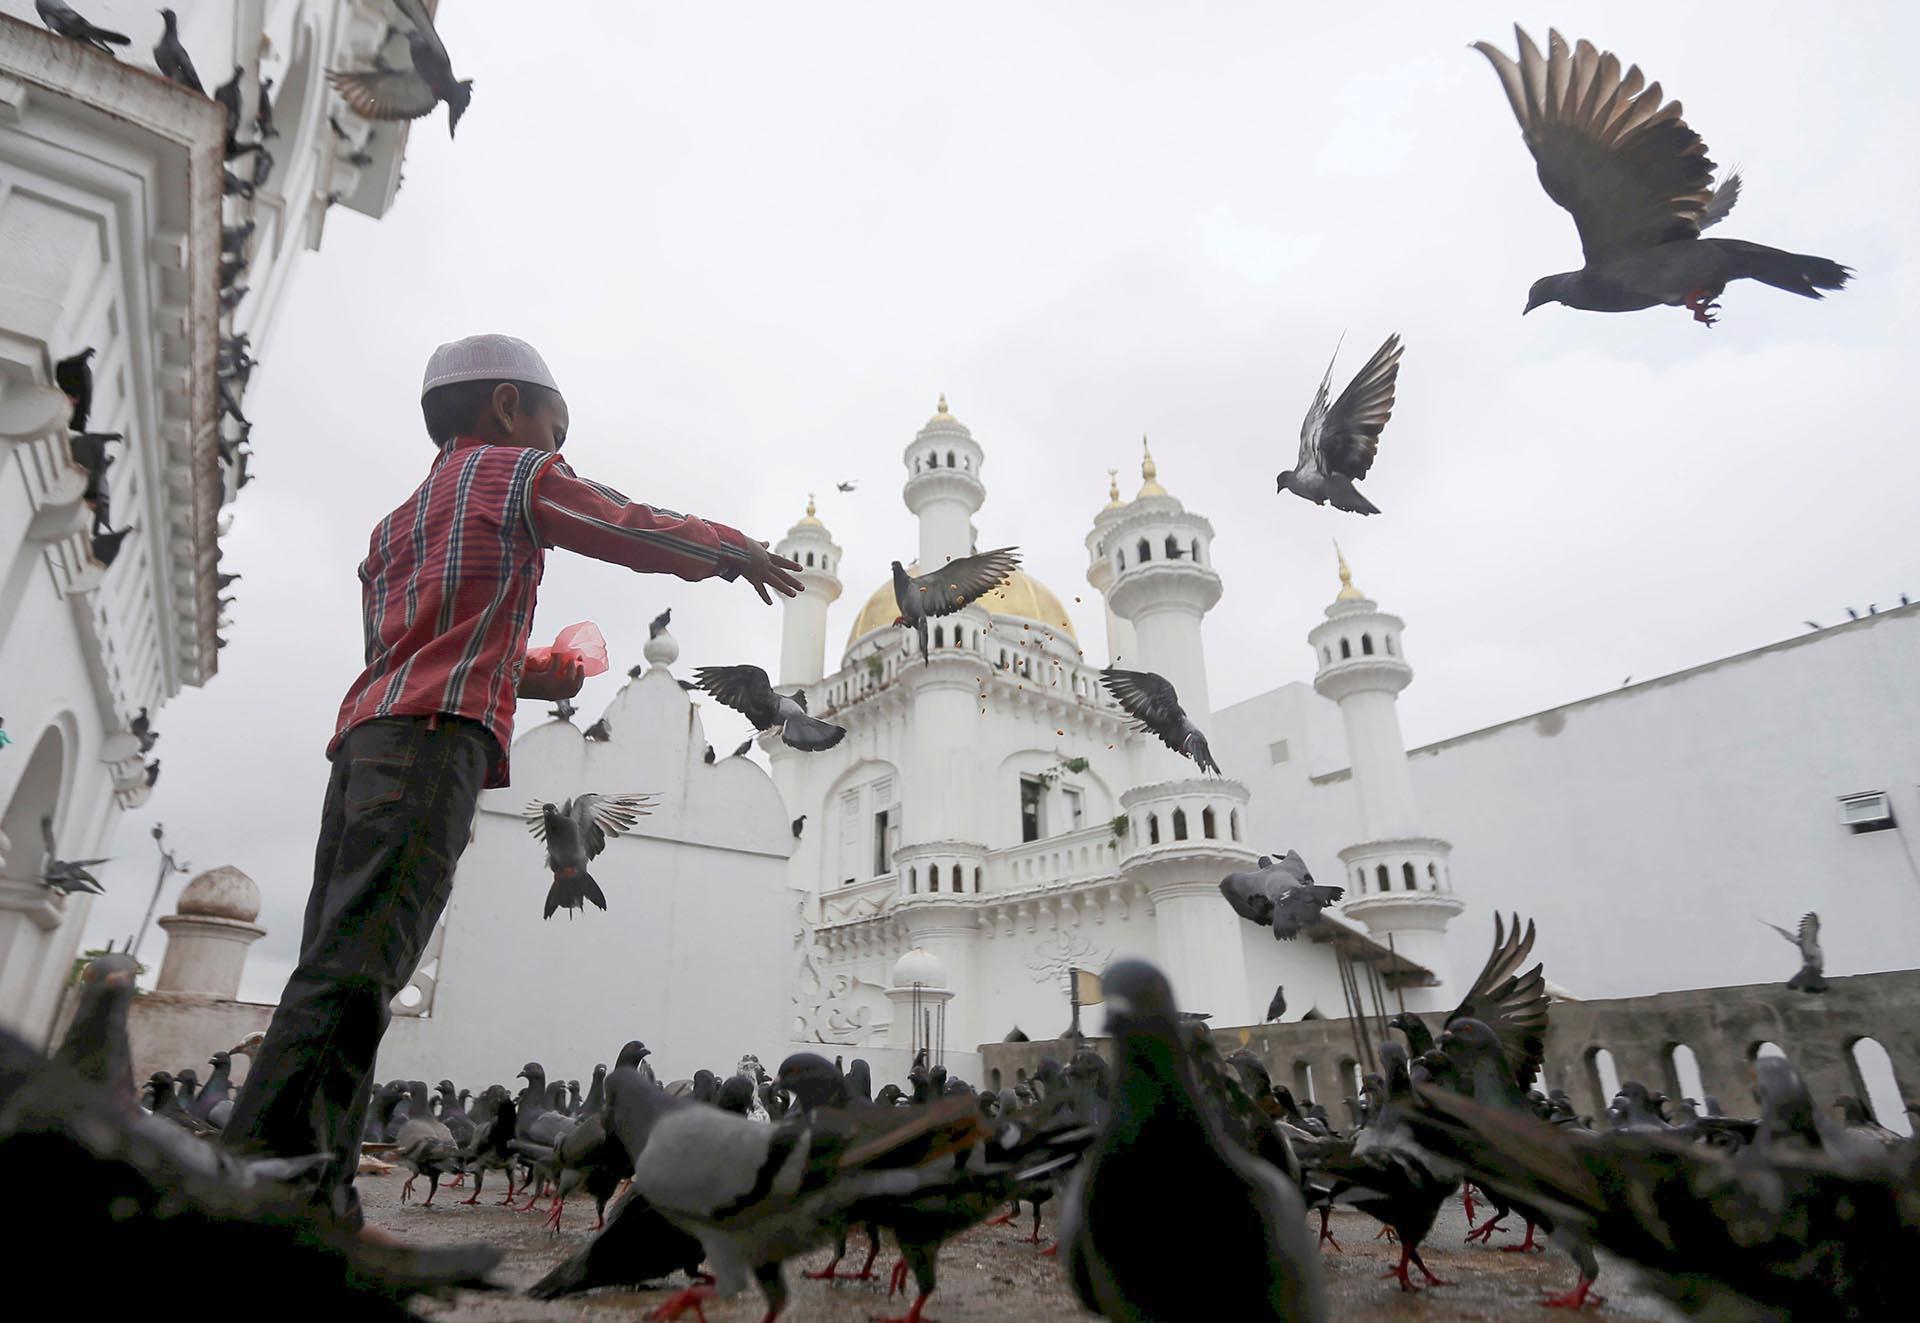 Un niño musulmán alimenta a las palomas después de las oraciones del viernes durante el mes sagrado del Ramadán en una mezquita en Colombo, Sri Lanka